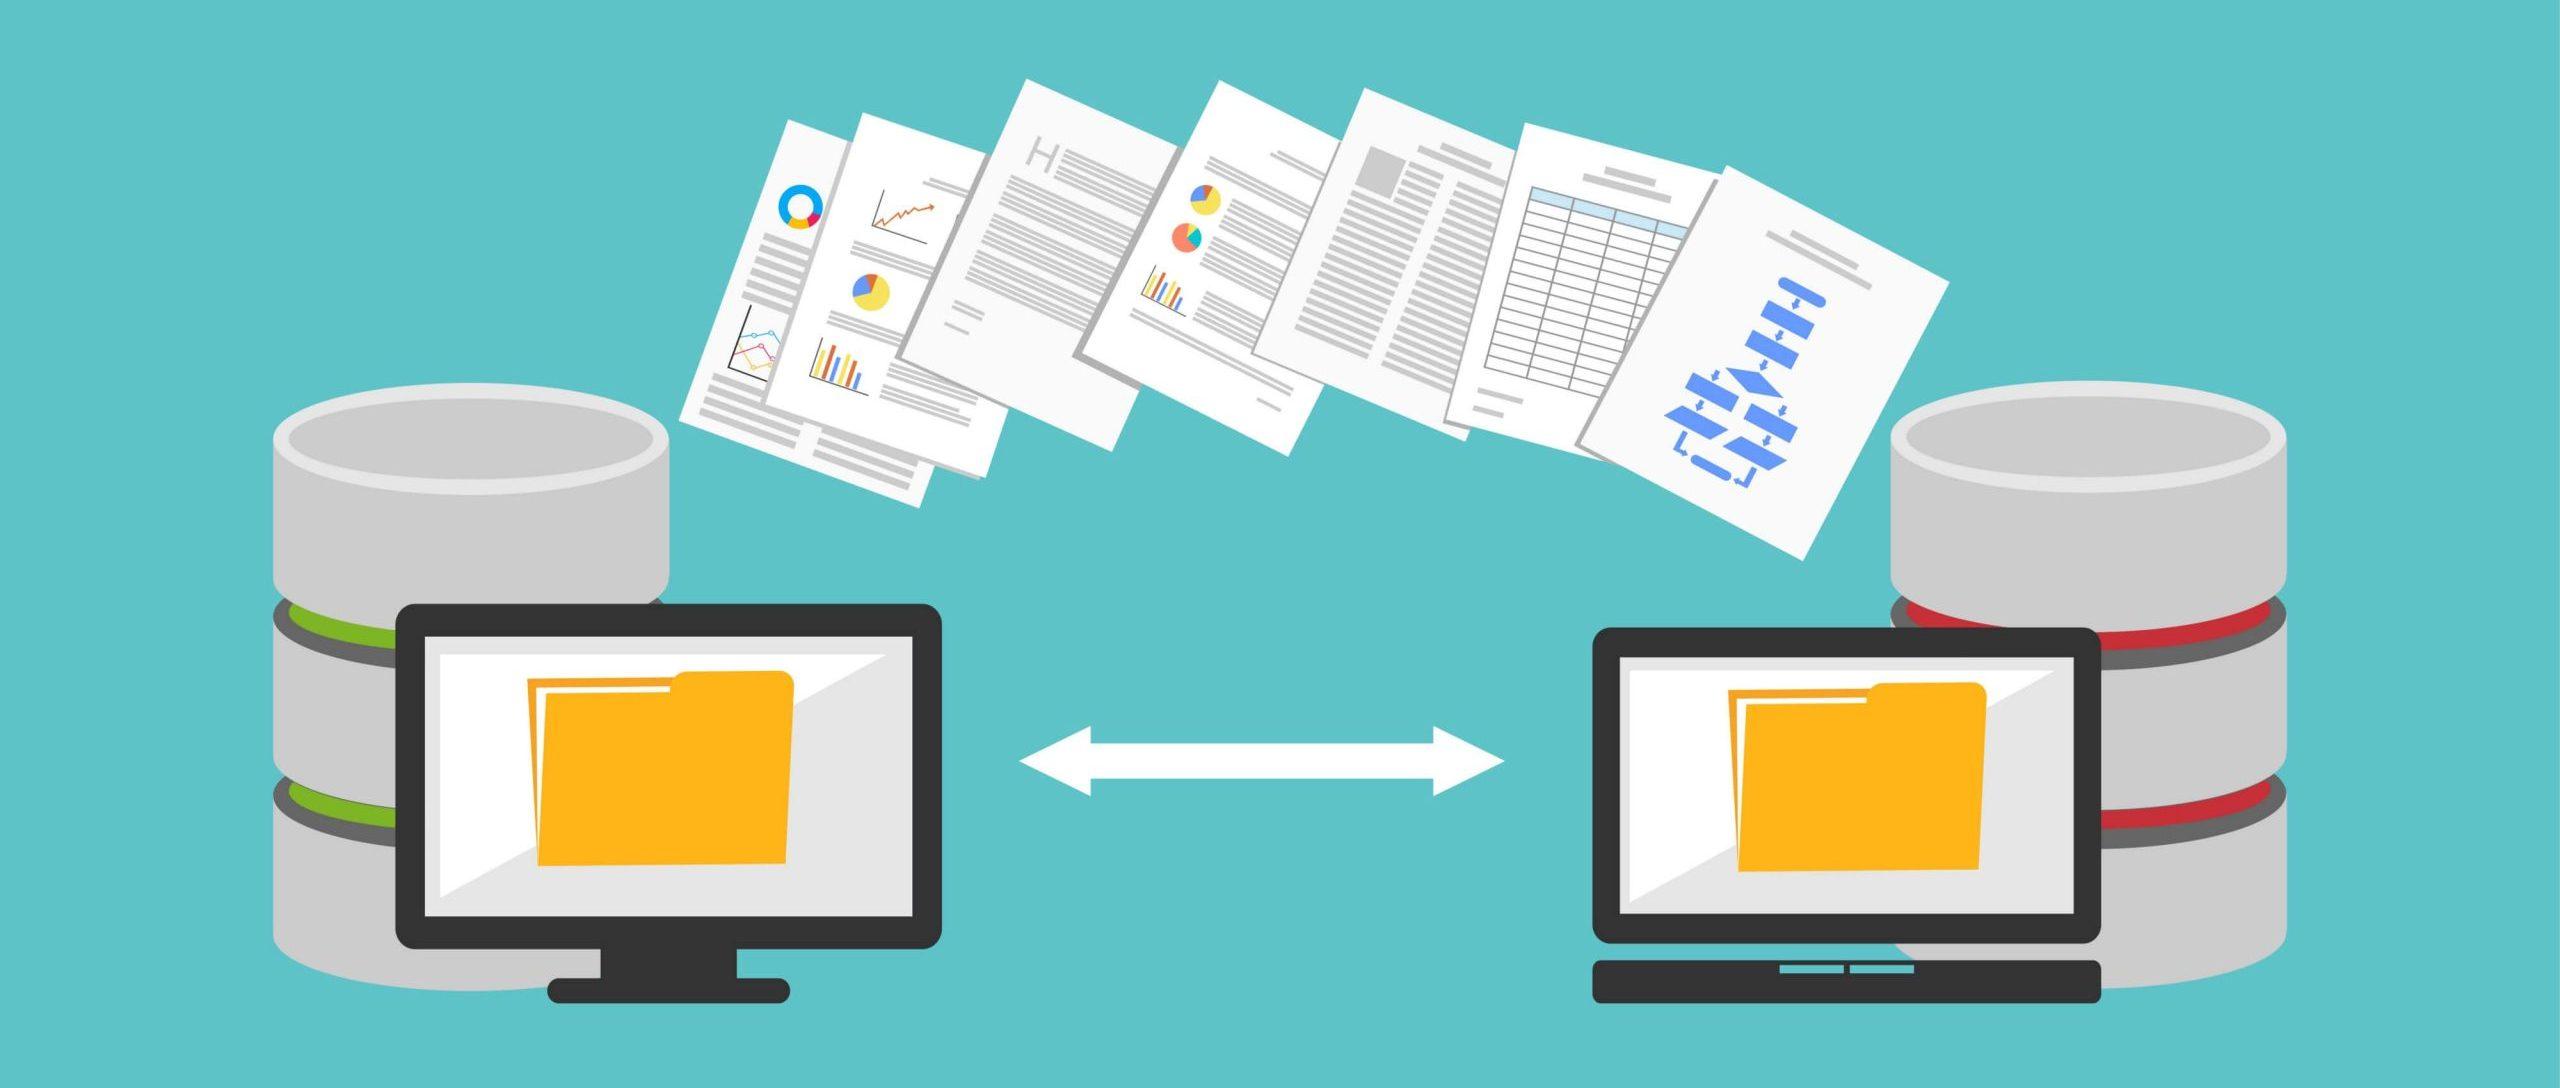 database migration